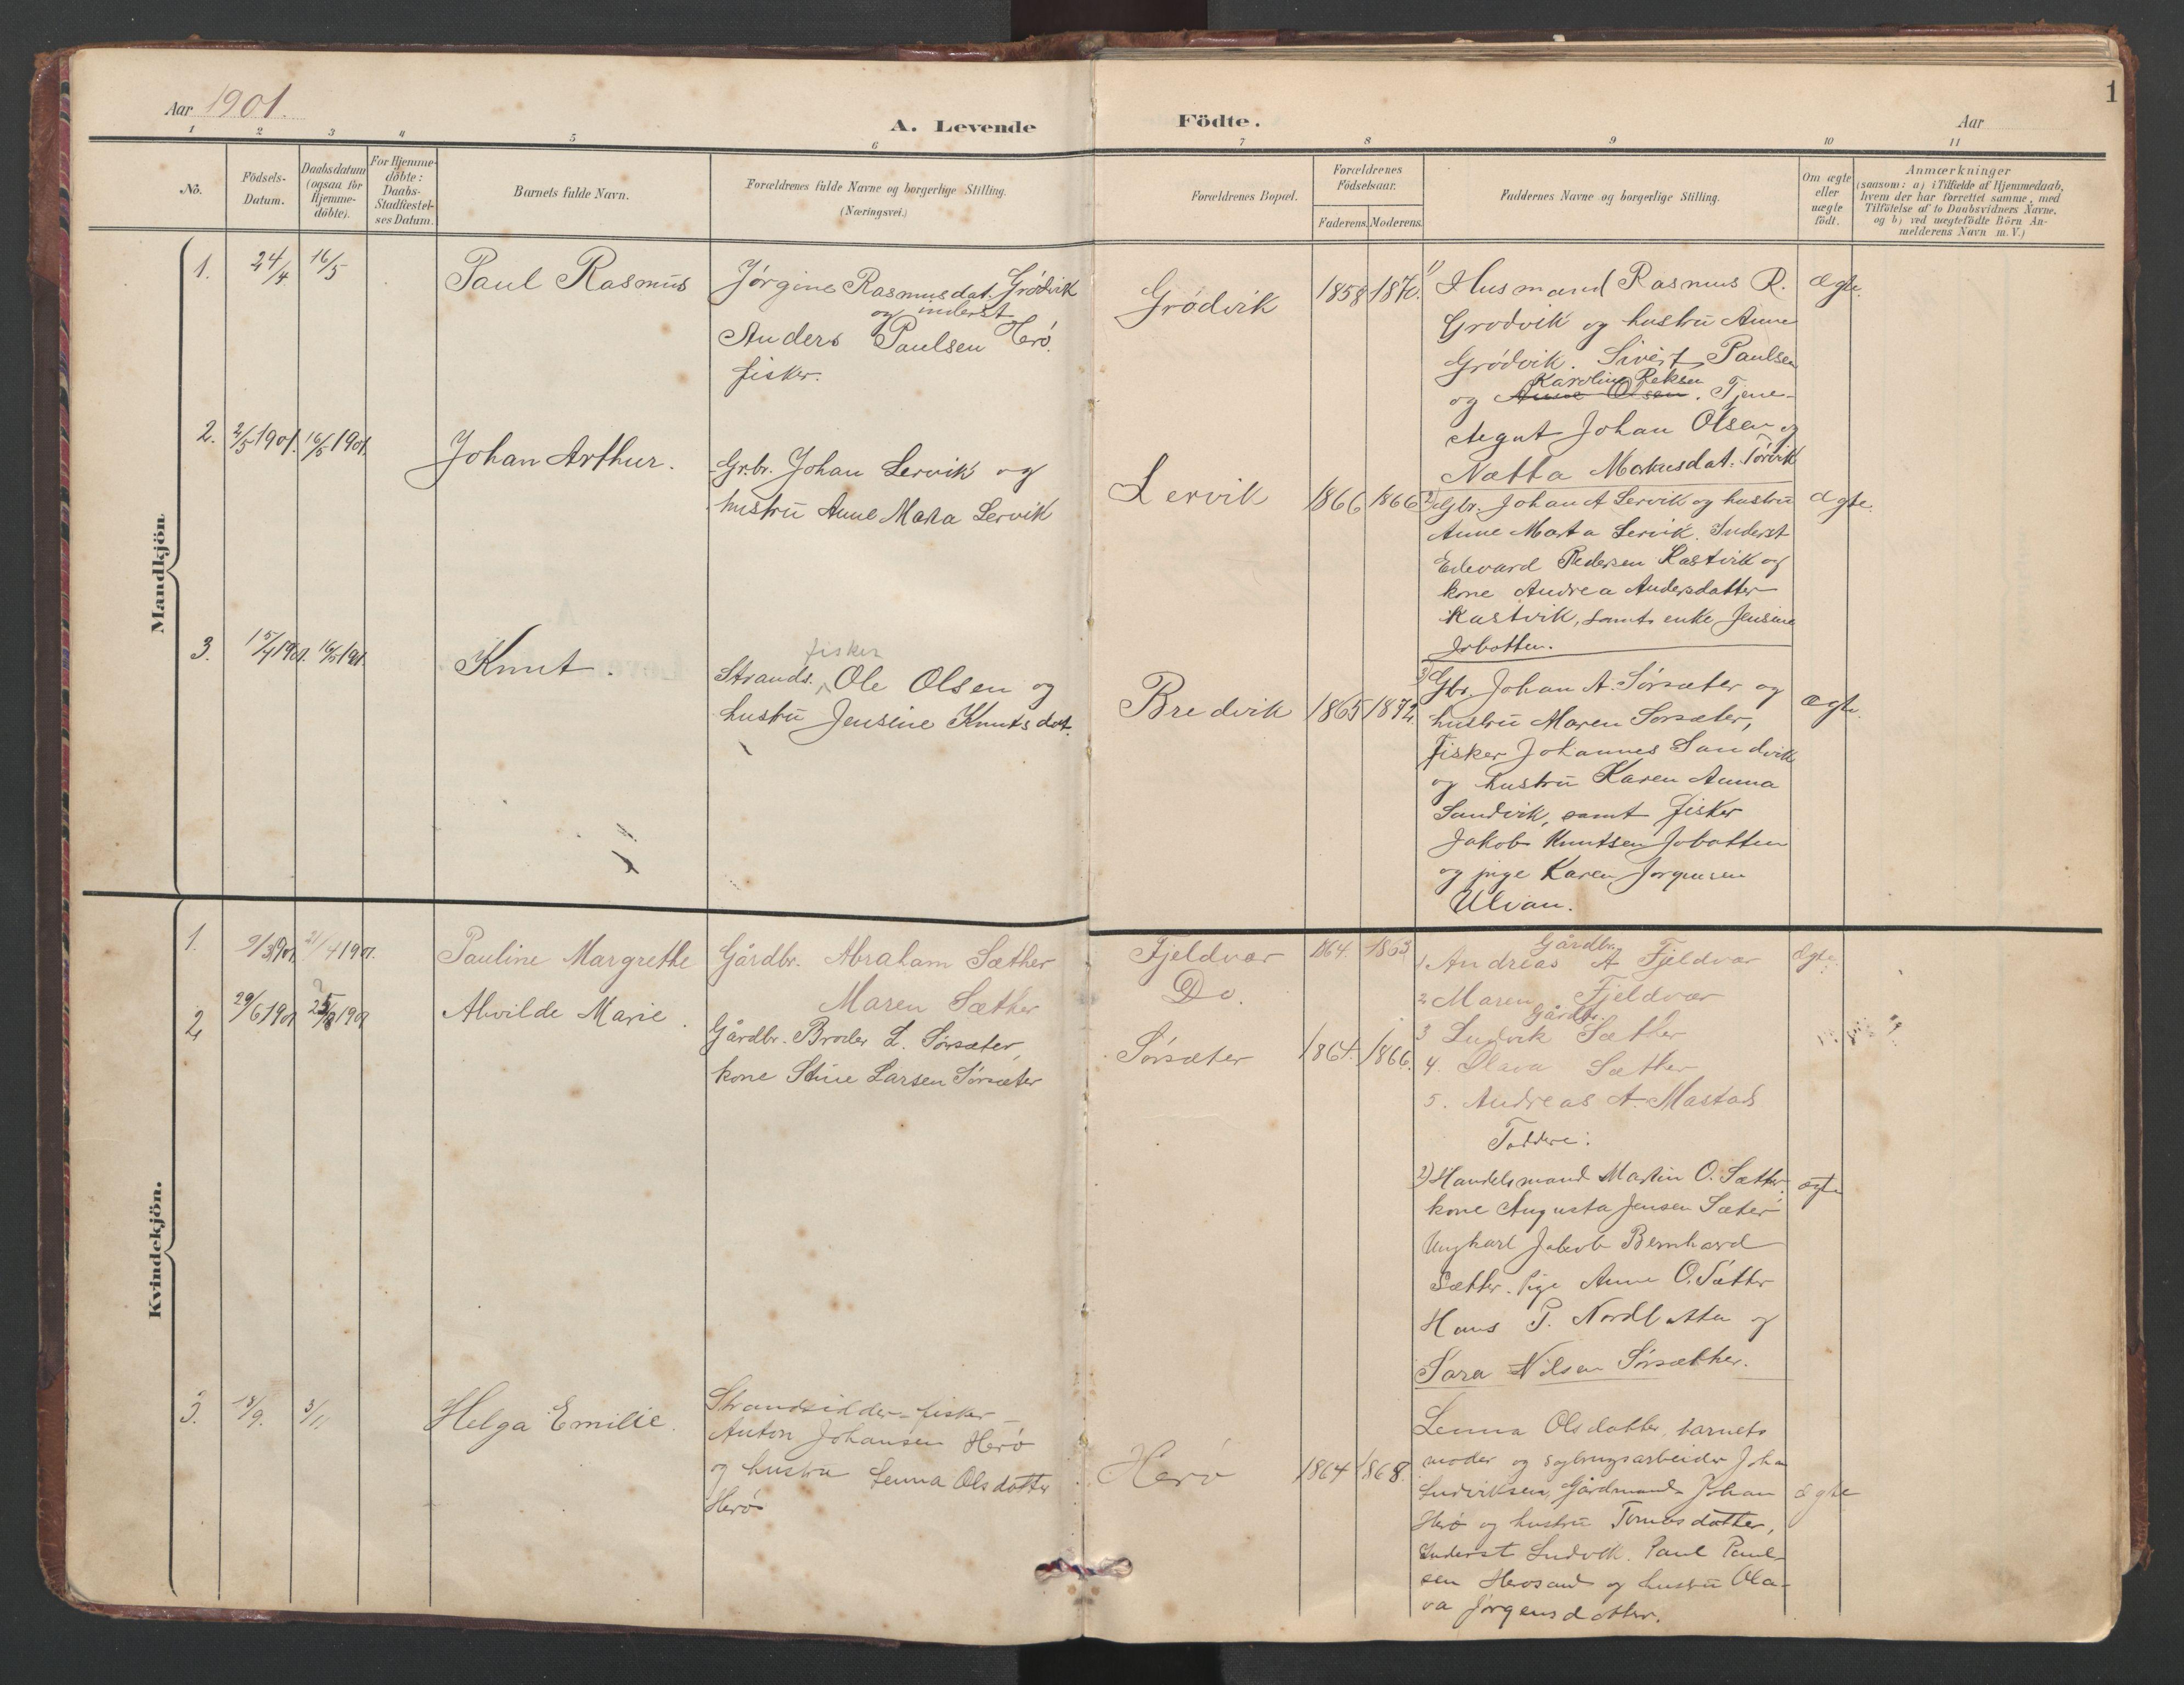 SAT, Ministerialprotokoller, klokkerbøker og fødselsregistre - Sør-Trøndelag, 638/L0571: Klokkerbok nr. 638C03, 1901-1930, s. 1